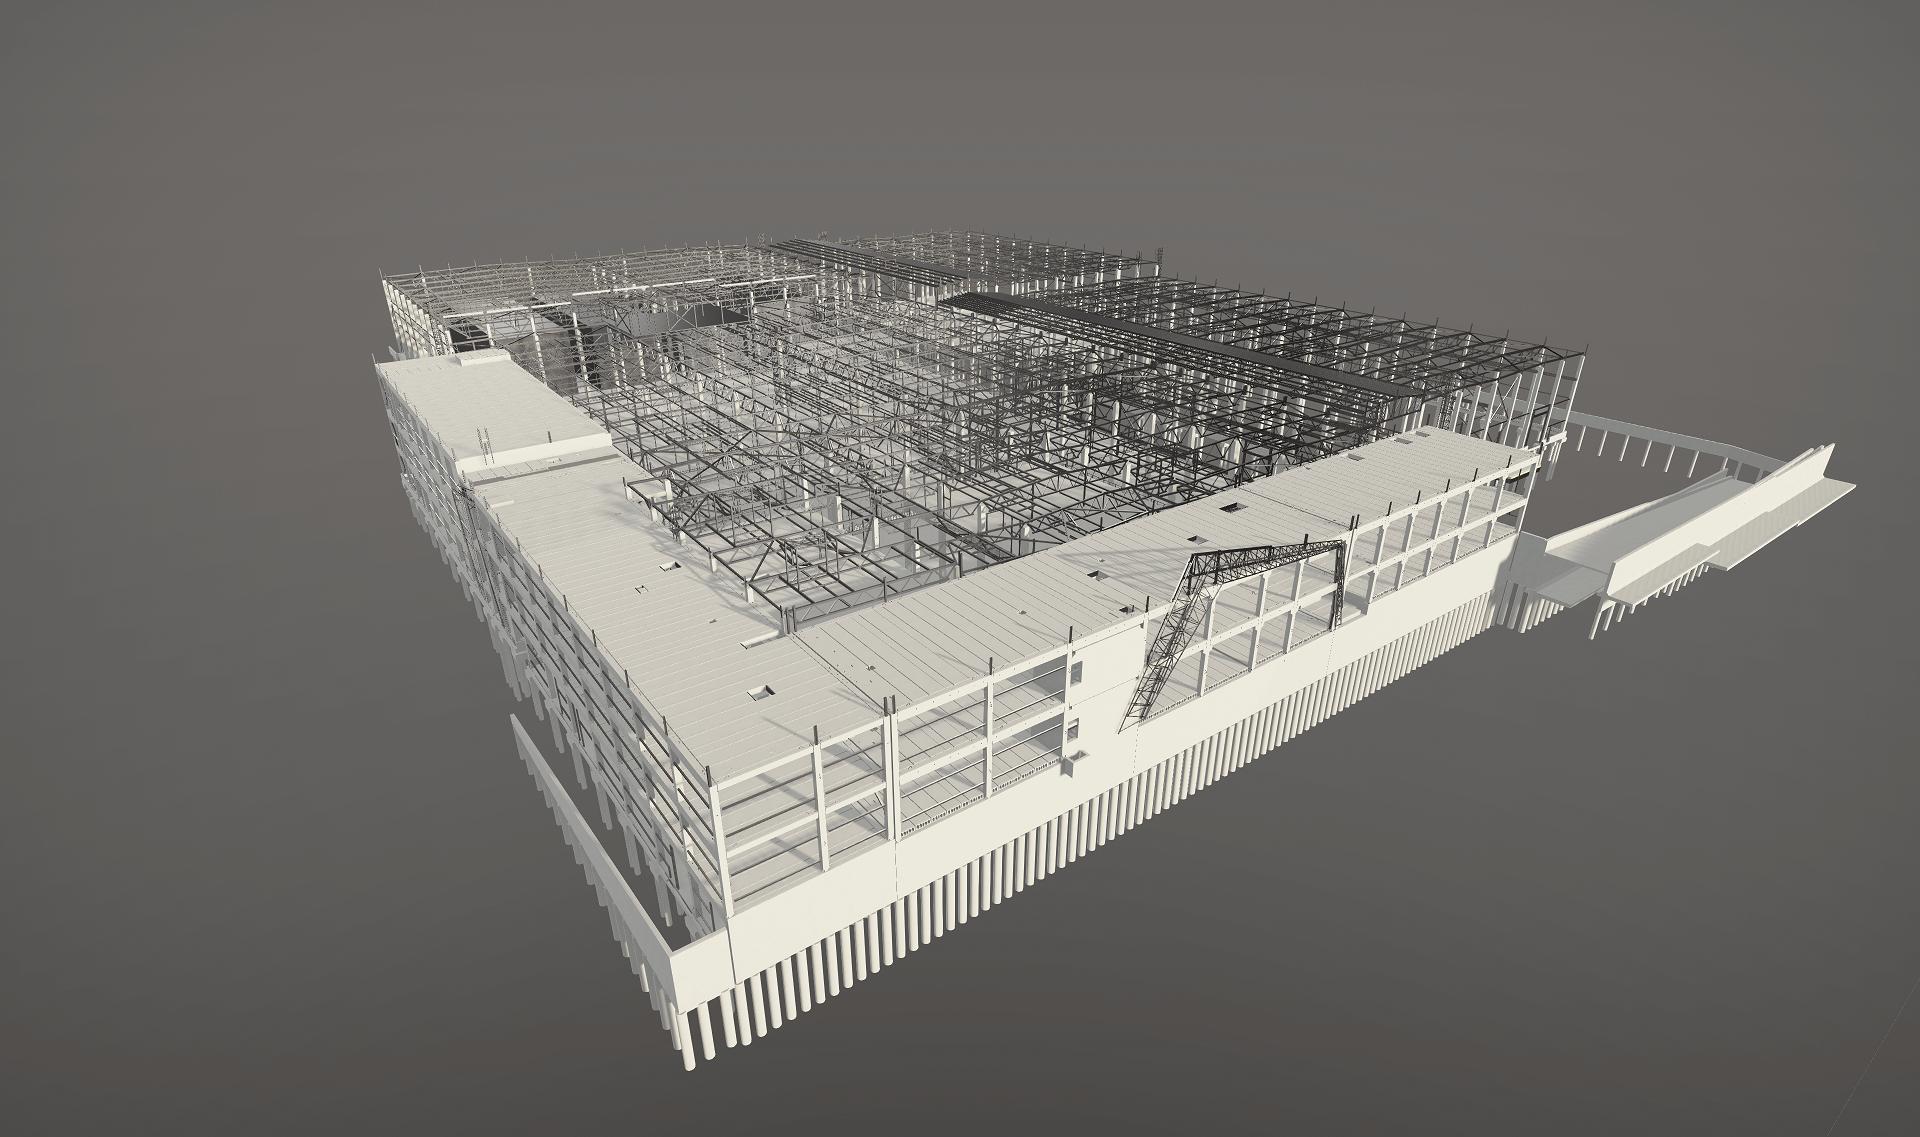 ELMORIS gamybos ir sandėliavimo paskirties pastato integruotas BIM projektavimas